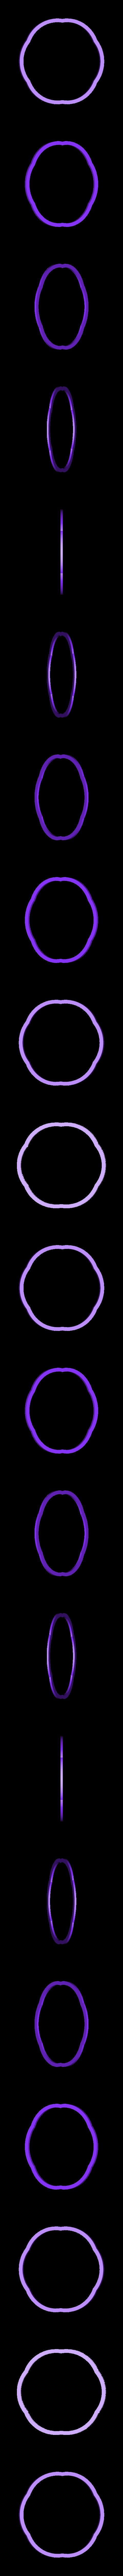 """bowl_7.stl Télécharger fichier STL gratuit Ensemble de cuisine """"Spring"""" • Plan à imprimer en 3D, TanyaAkinora"""